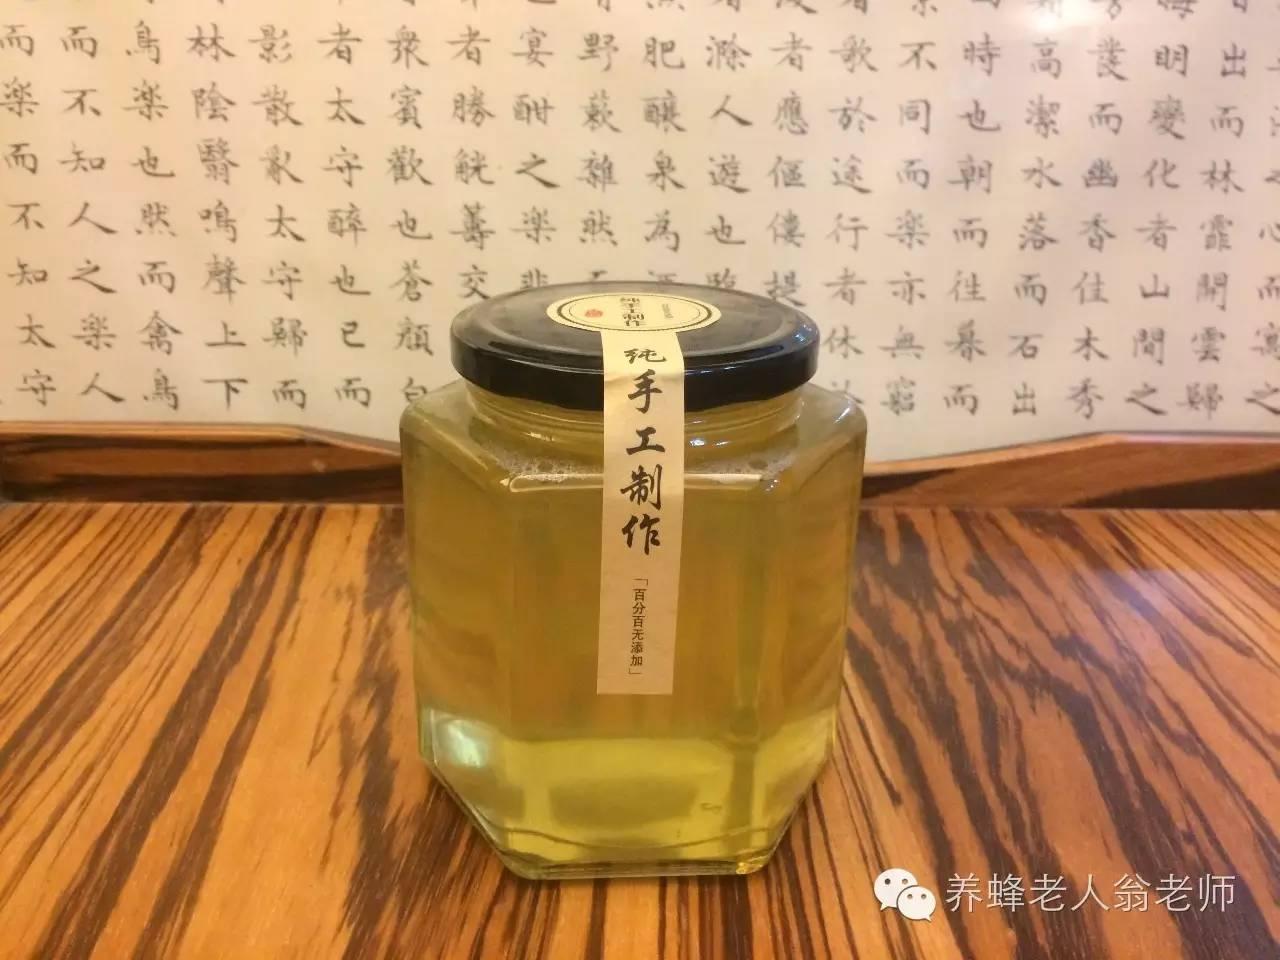 肚子不舒服喝蜂蜜水 蜂蜜护发怎么用 纽西兰蜂蜜喉糖 蜂蜜专用瓶 什么蜂蜜补肾